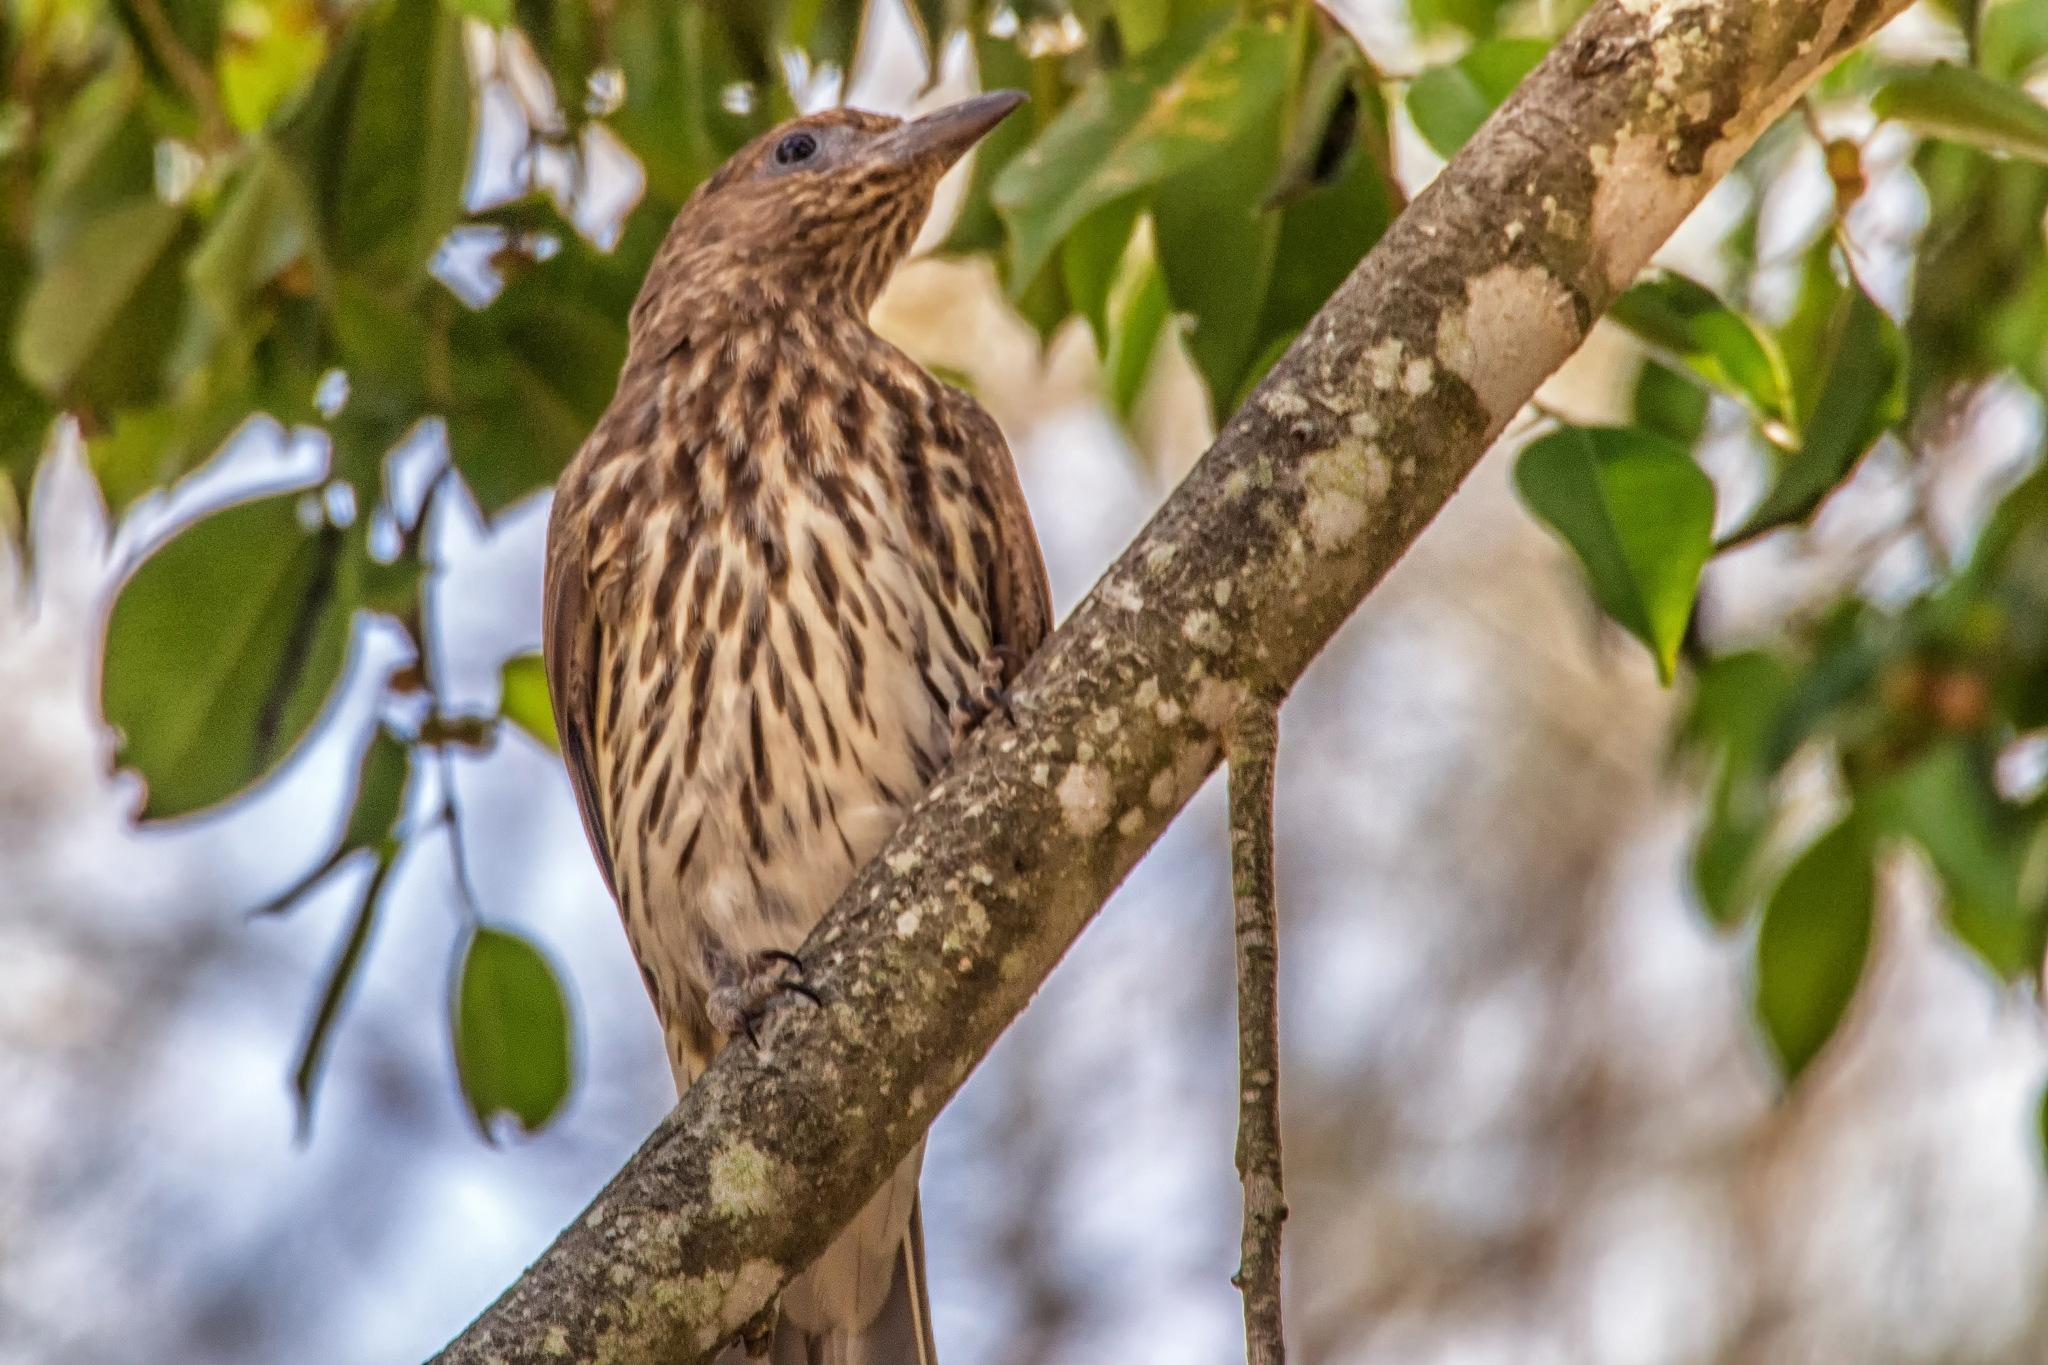 Female Figbird by Kim McGlinchey